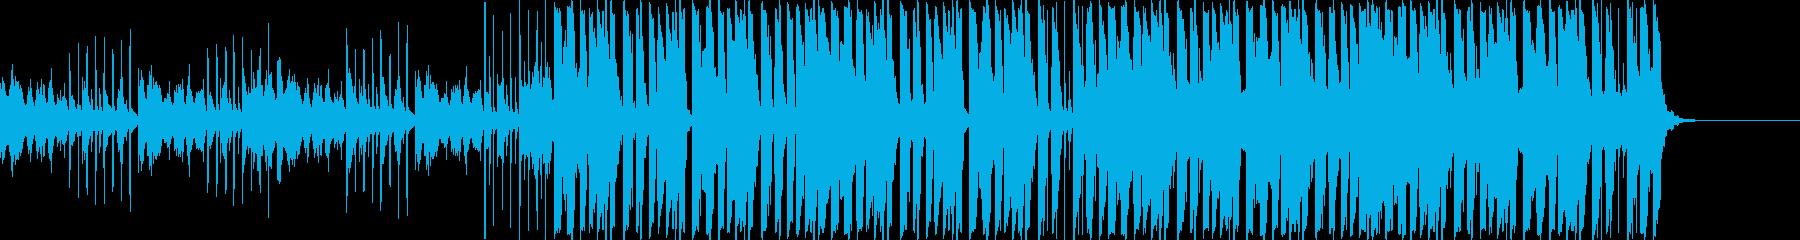 ダークで不気味でカッコイイホラー系楽曲の再生済みの波形